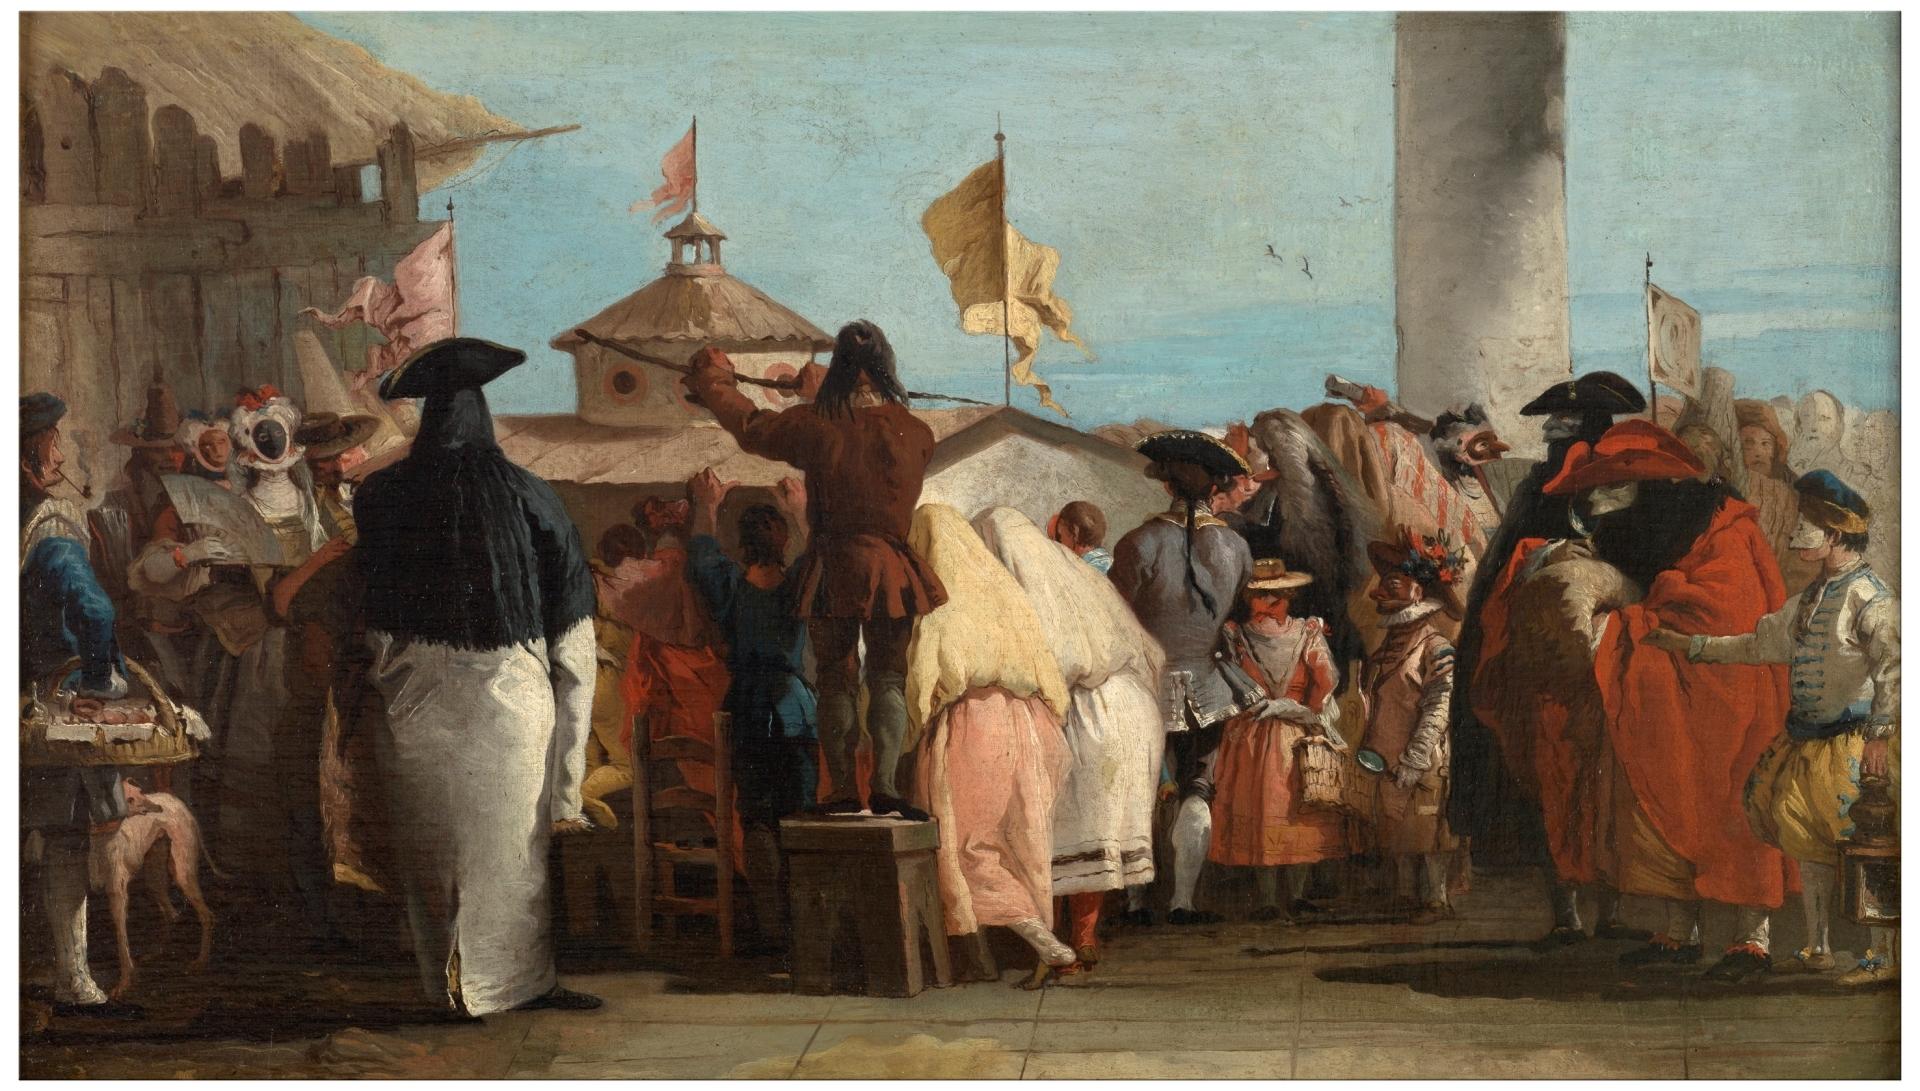 Mondo Novo GIandomenico Tiepolo 1765 Madrid Museo del Pradojpg